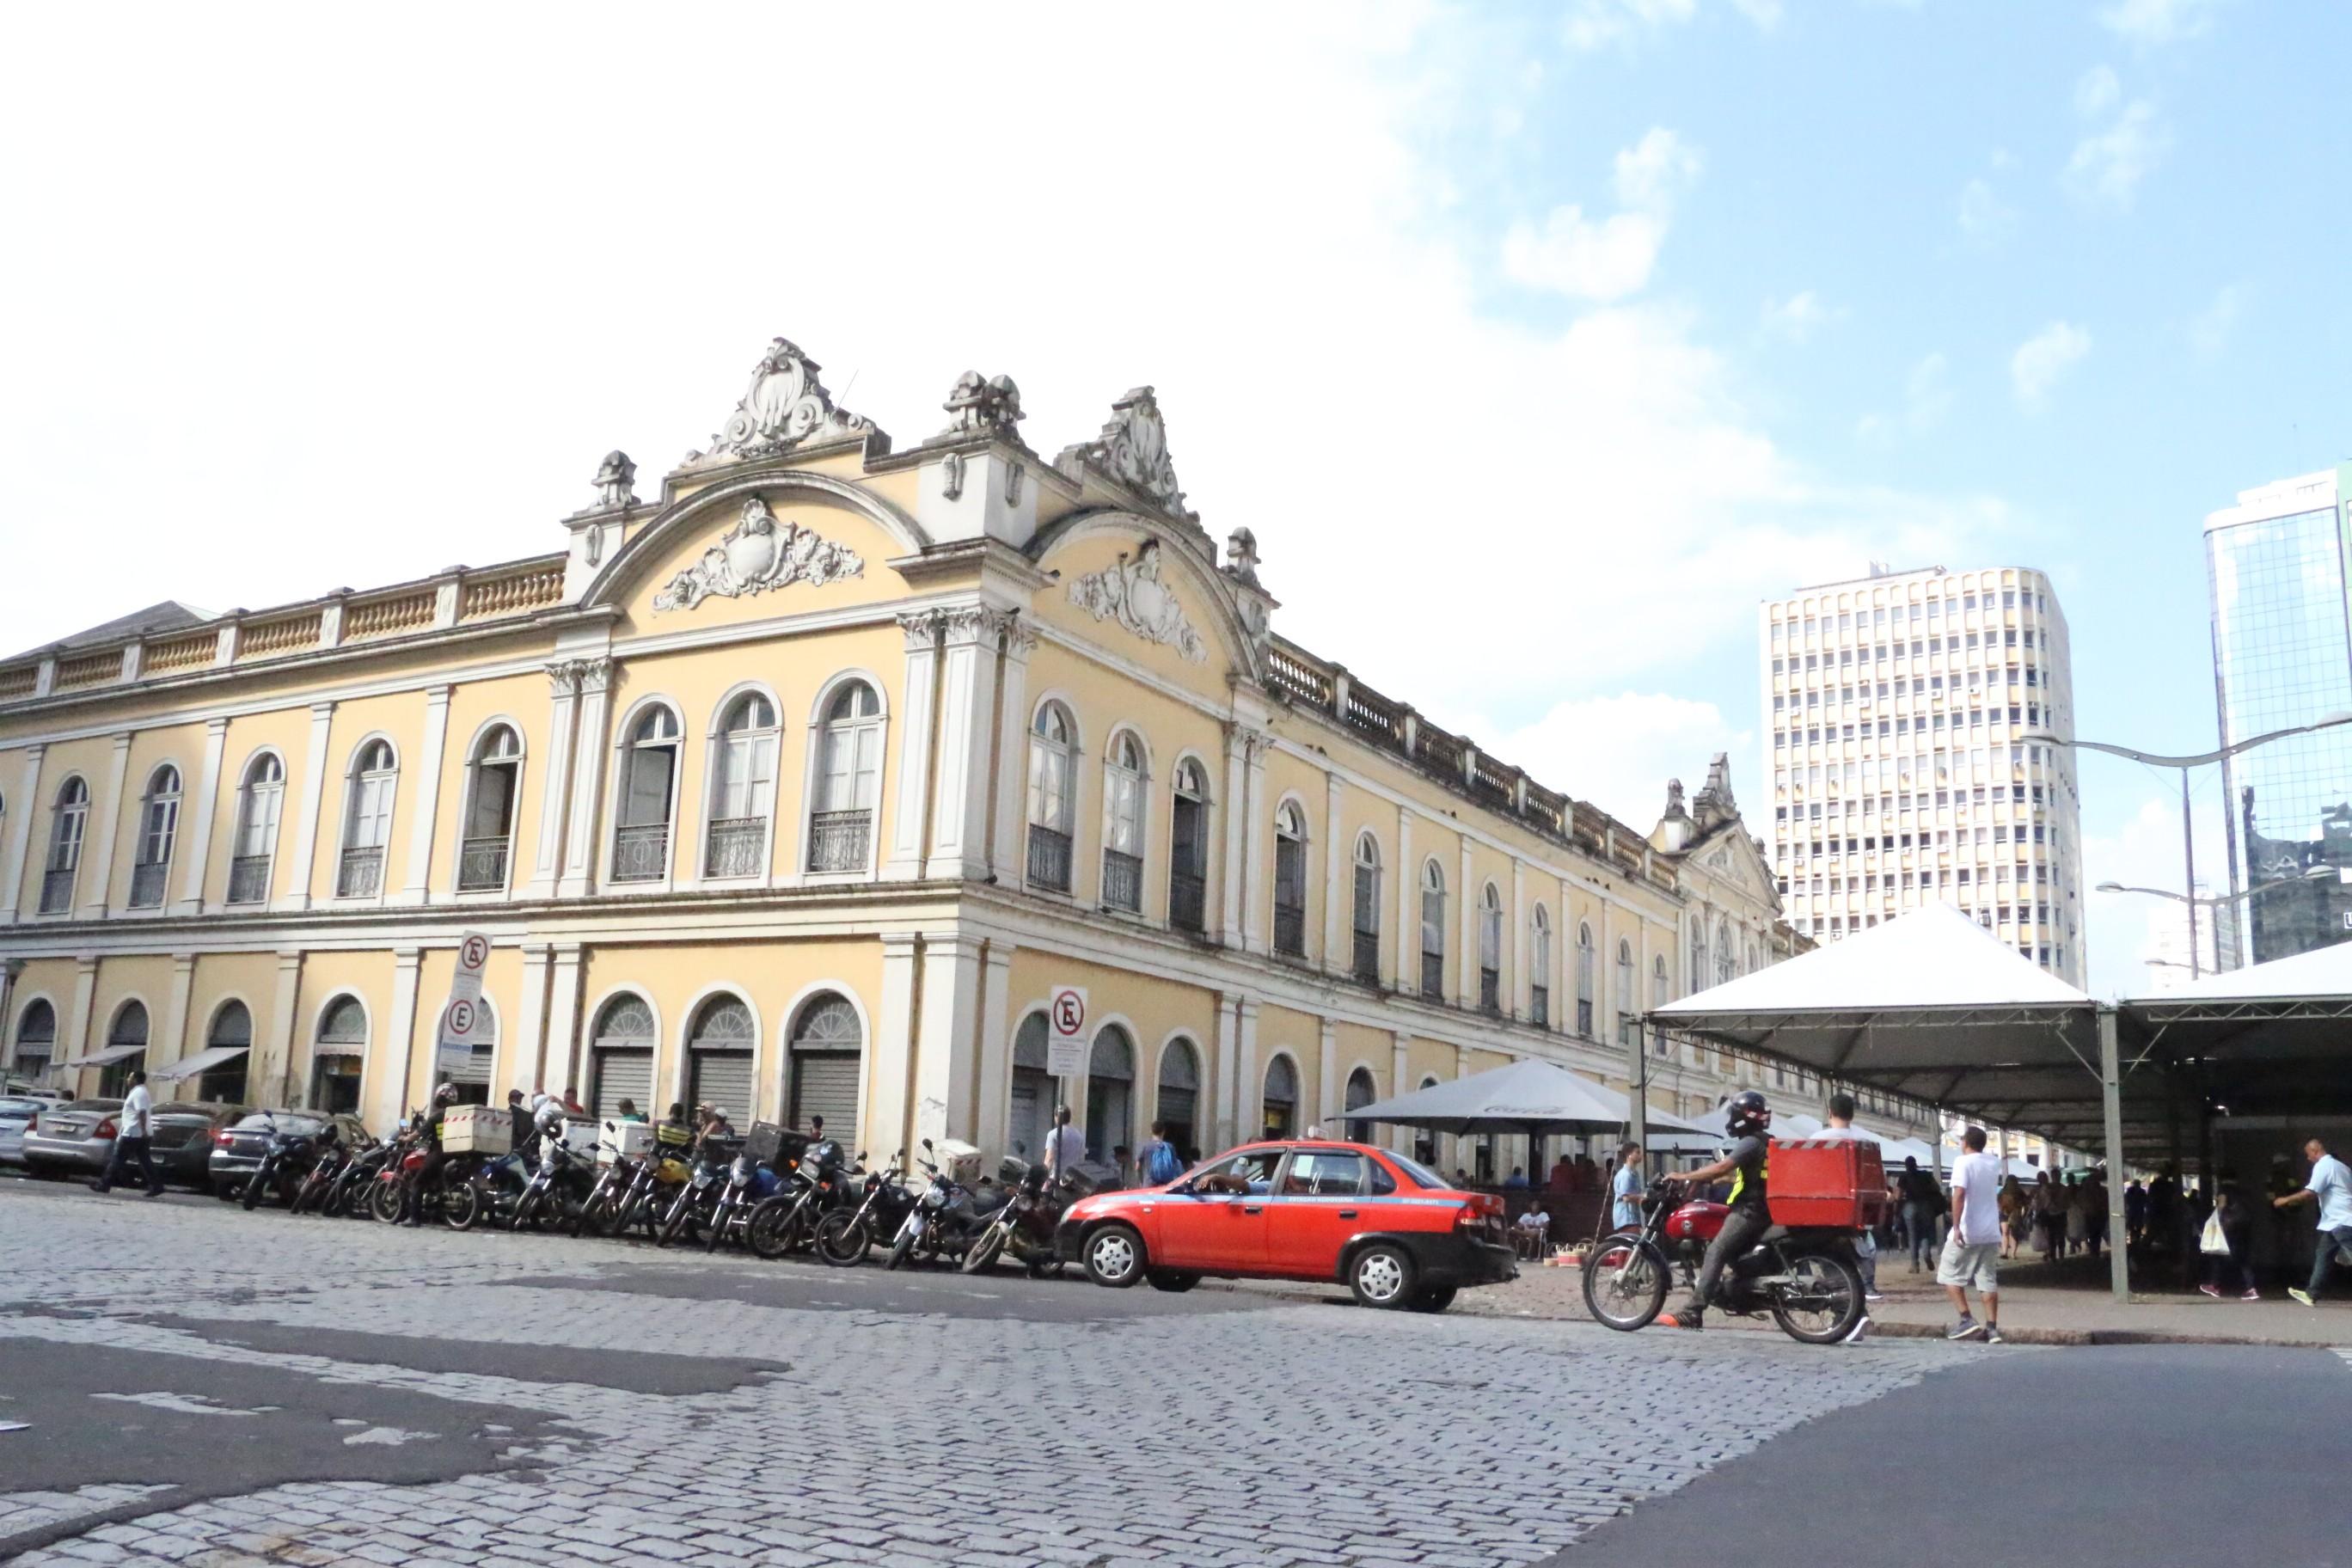 Prefeitura de Porto Alegre confirma concessão do Mercado Público e abre consulta pública  - Notícias - Plantão Diário